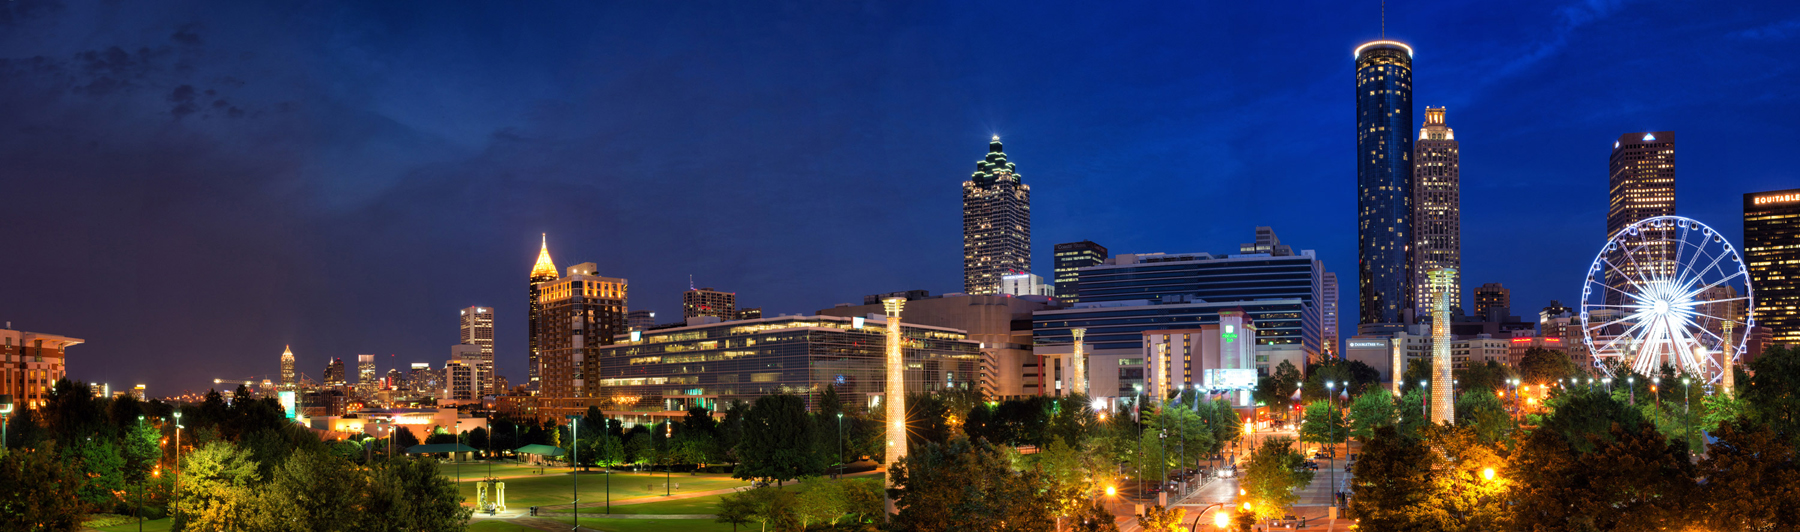 AtlantaDowntownMidtownPanoramDusk.jpg